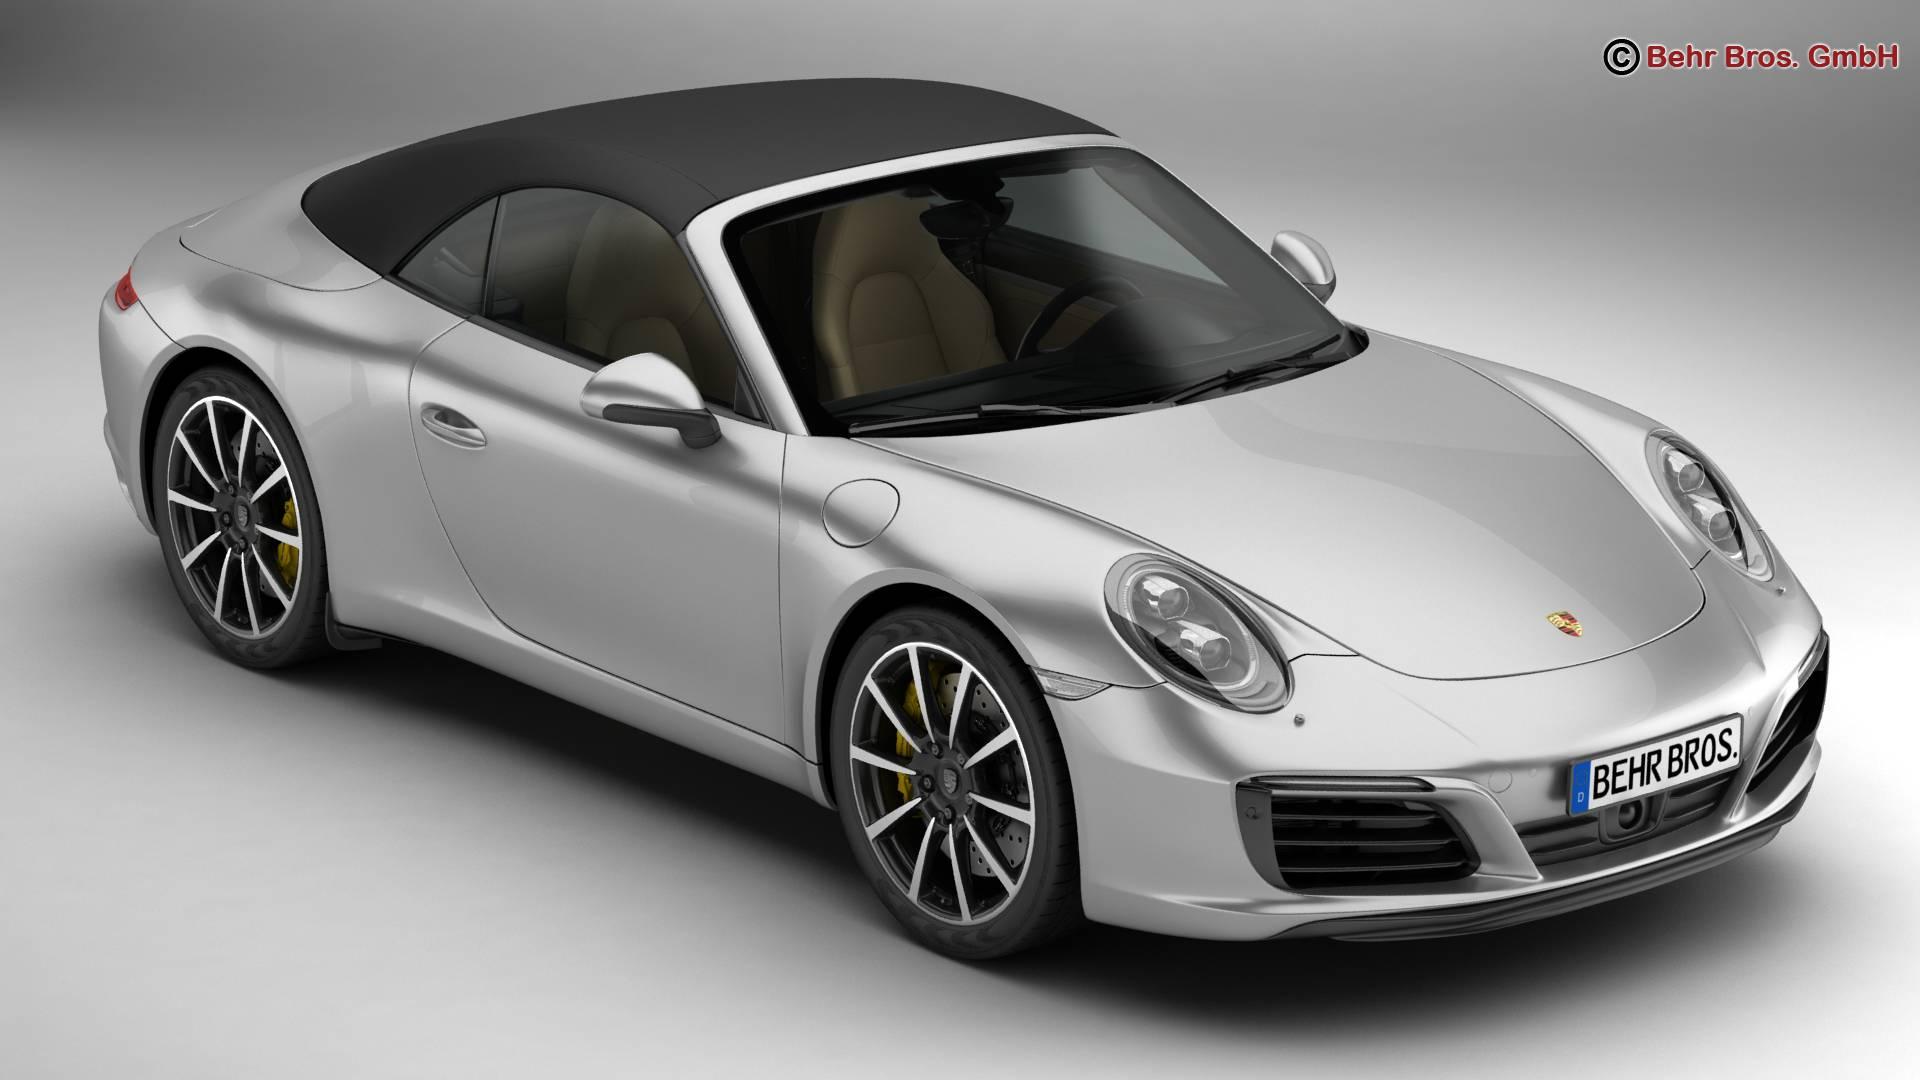 porsche 911 carrera cabriolet 2017 3d líkan 3ds max fbx c4d lwo ma mb obj 220789